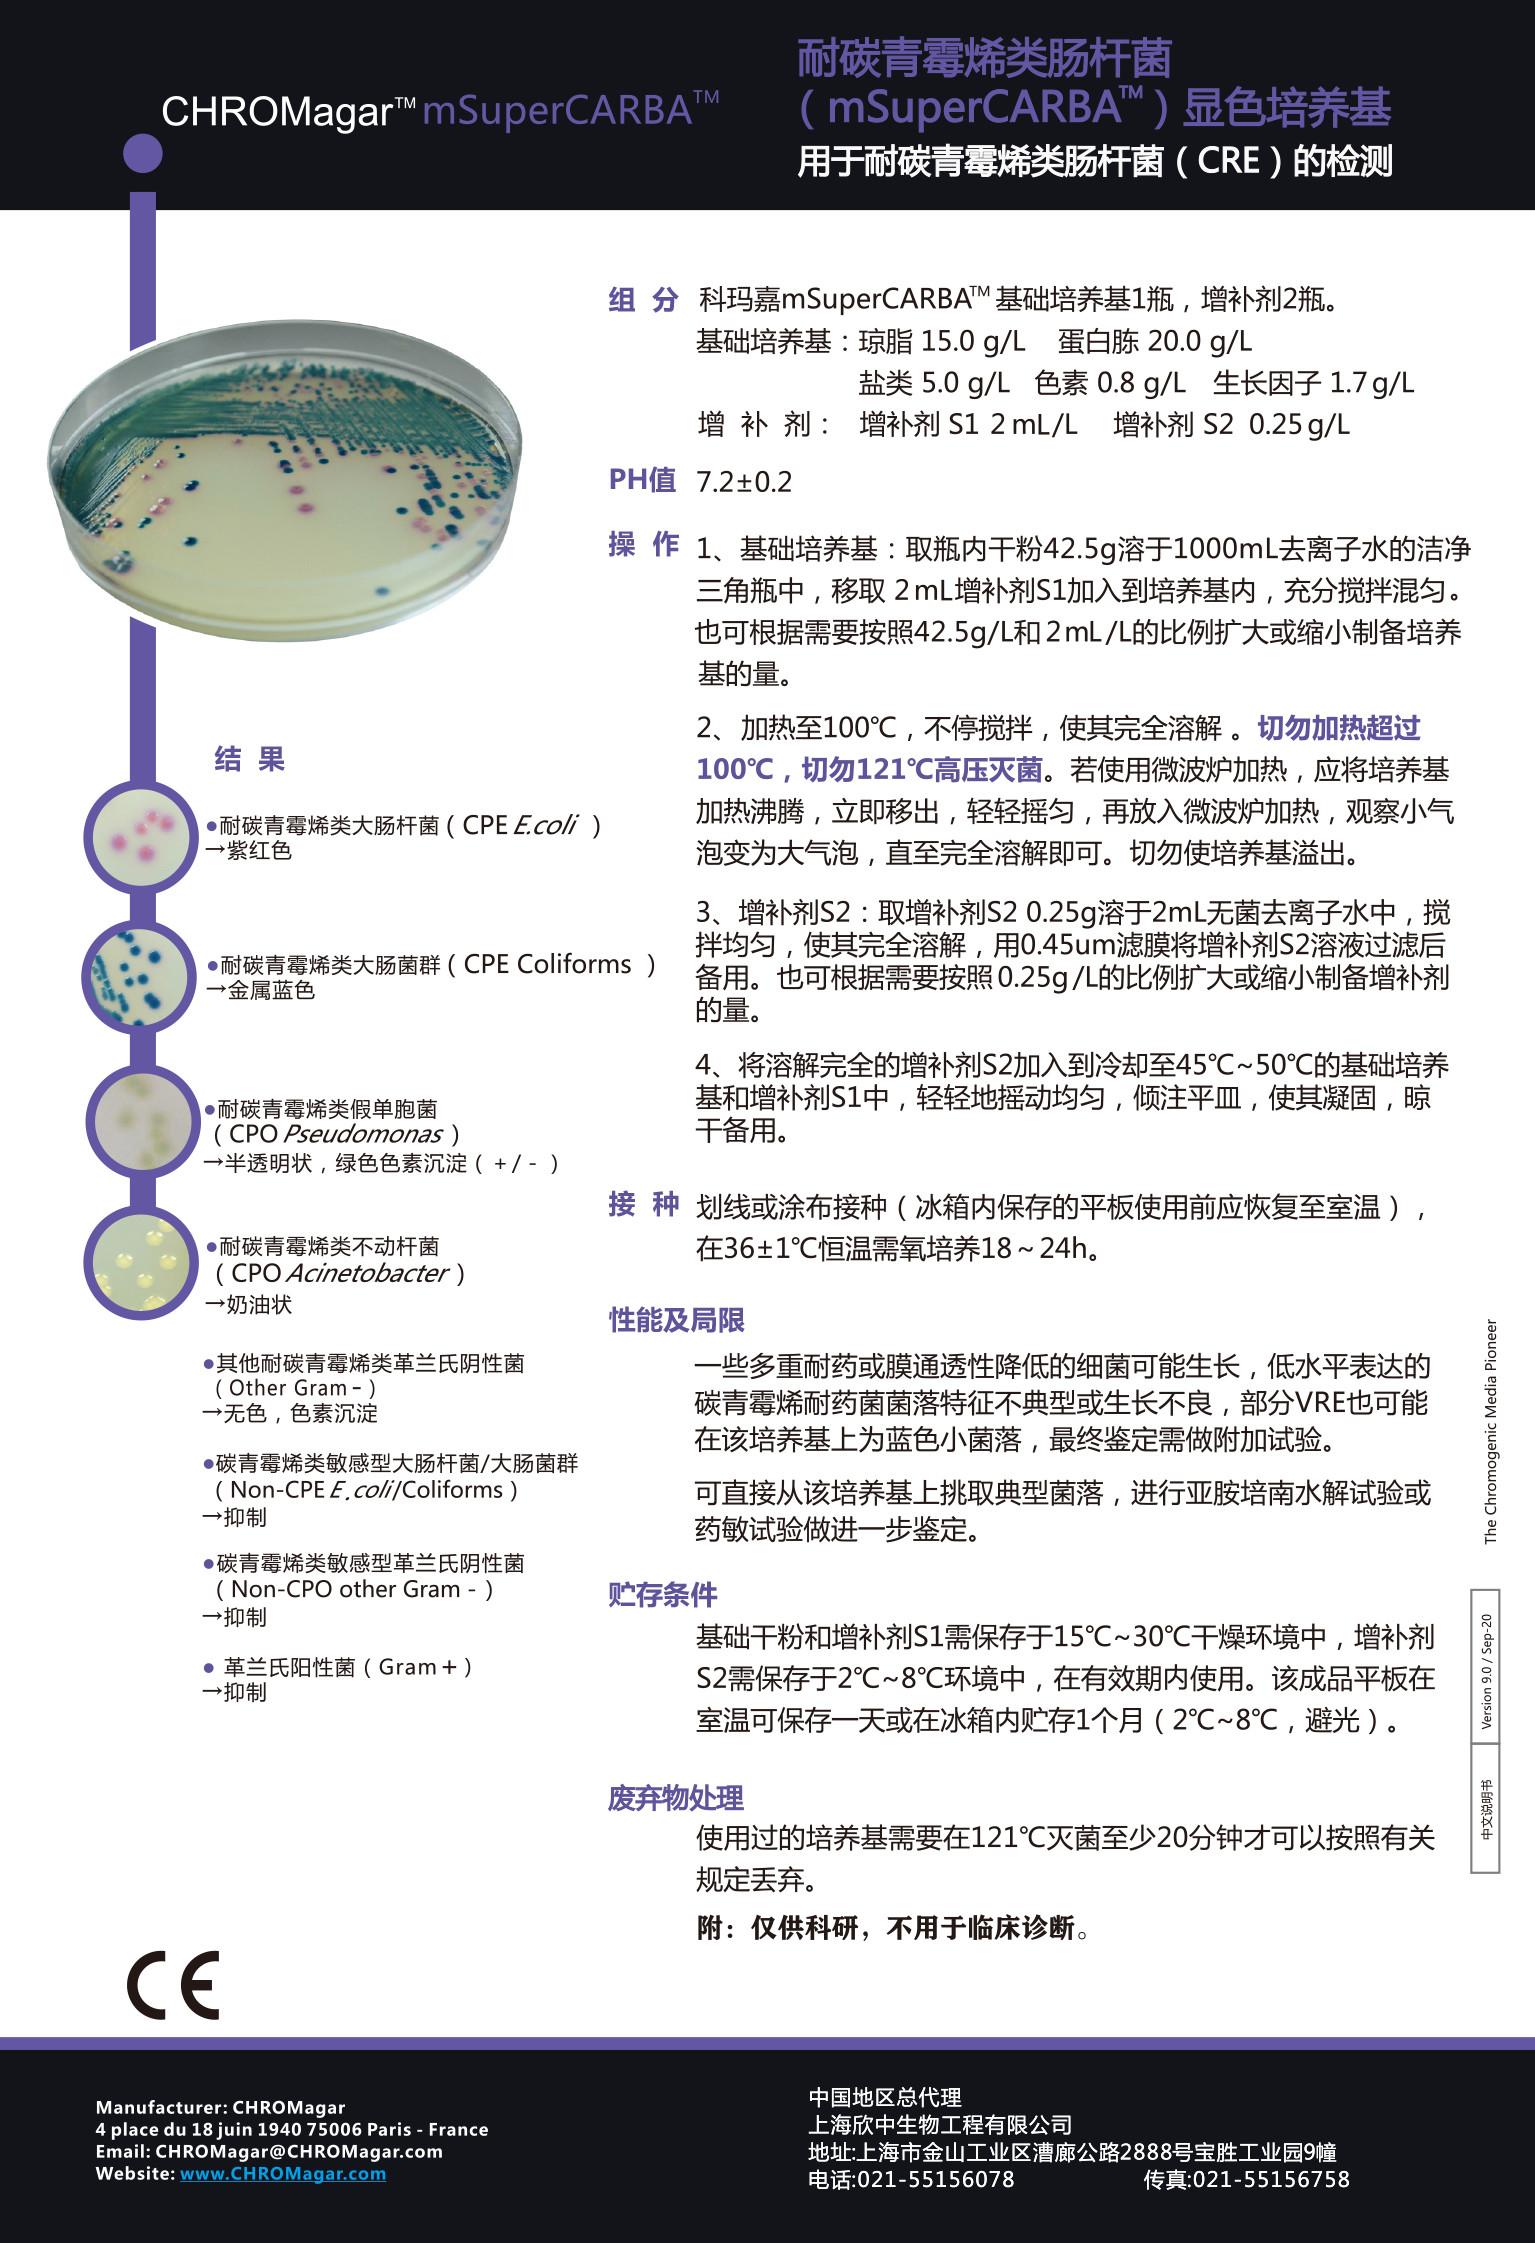 耐碳青酶烯類腸桿菌CRE顯色培養基.jpg